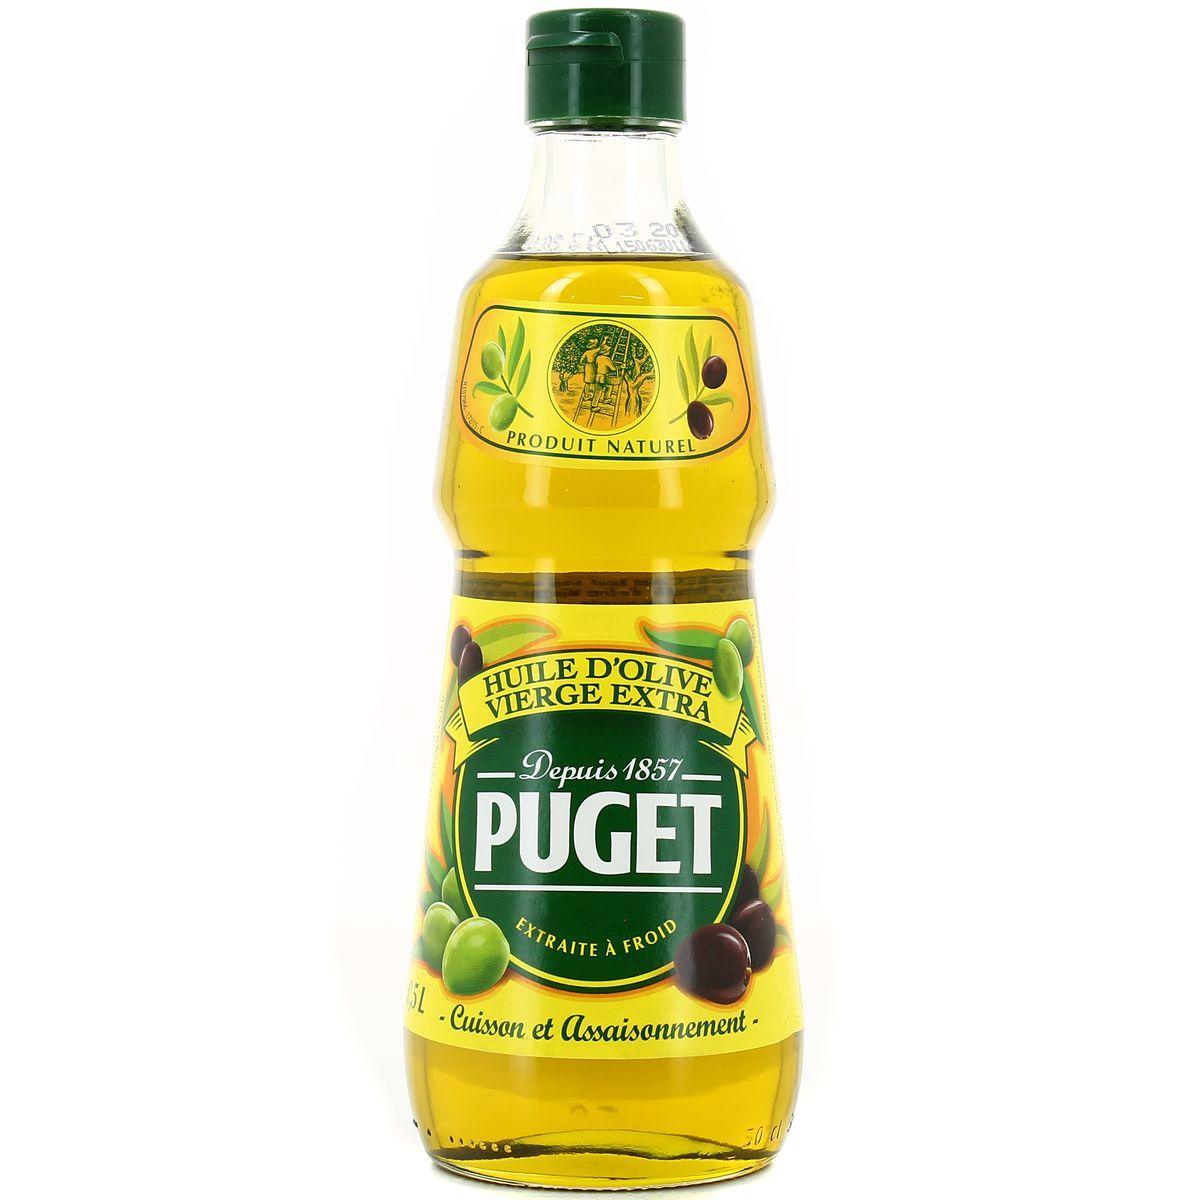 Huile d'olive classique, Puget (50 cl)